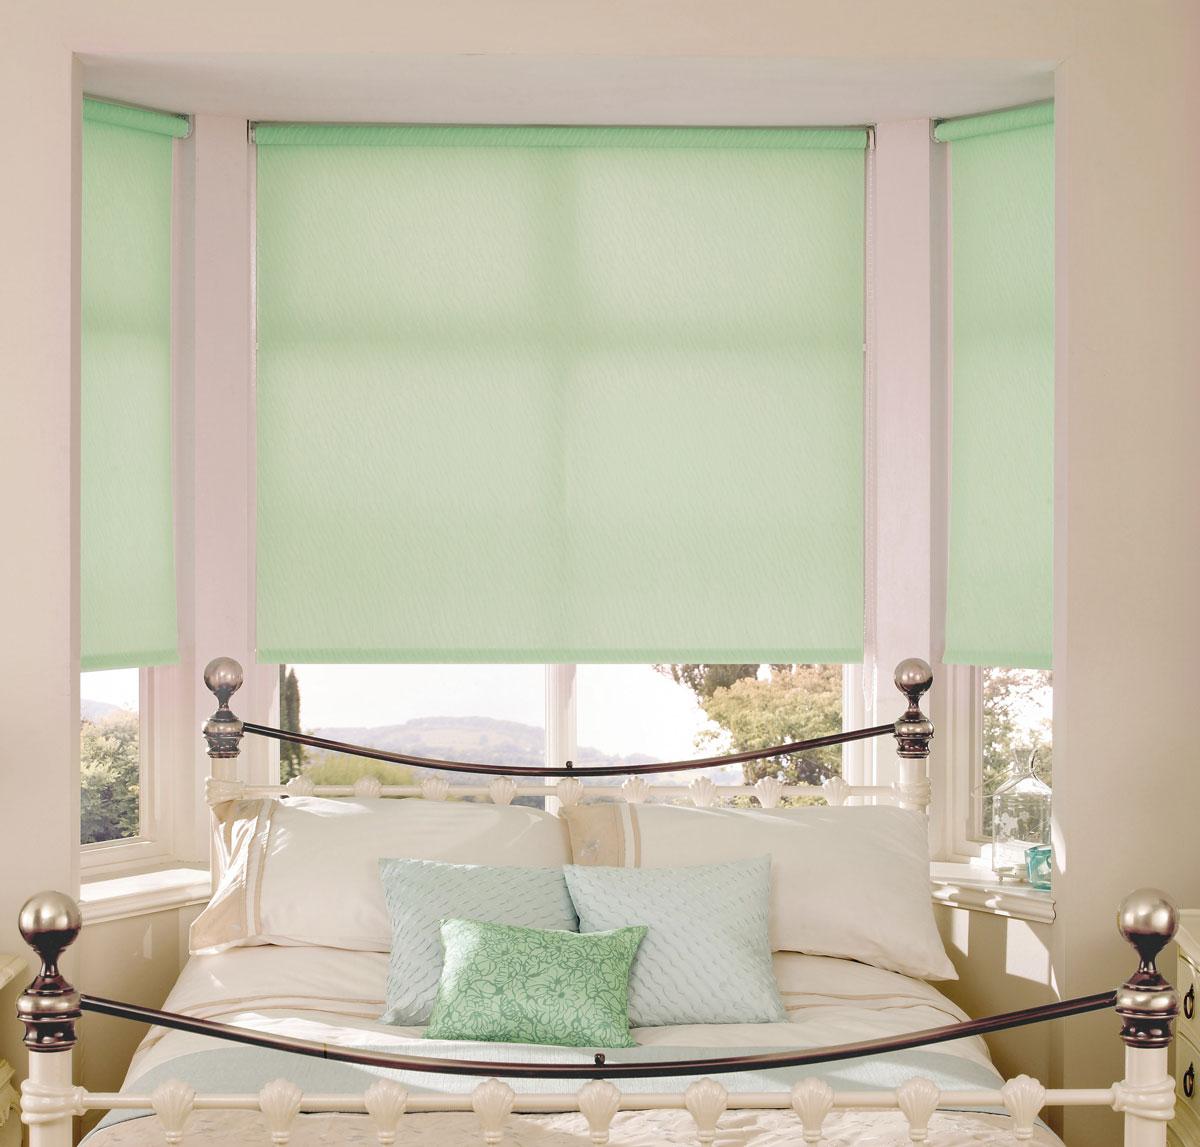 Штора рулонная KauffOrt Миниролло, цвет: светло-зеленый, ширина 83 см, высота 170 см3083017Рулонная штора Миниролло выполнена из высокопрочной ткани, которая сохраняет свой размер даже при намокании. Ткань не выцветает и обладает отличной цветоустойчивостью. Миниролло - это подвид рулонных штор, который закрывает не весь оконный проем, а непосредственно само стекло. Такие шторы крепятся на раму без сверления при помощи зажимов или клейкой двухсторонней ленты (в комплекте). Окно остается на гарантии, благодаря монтажу без сверления. Такая штора станет прекрасным элементом декора окна и гармонично впишется в интерьер любого помещения.